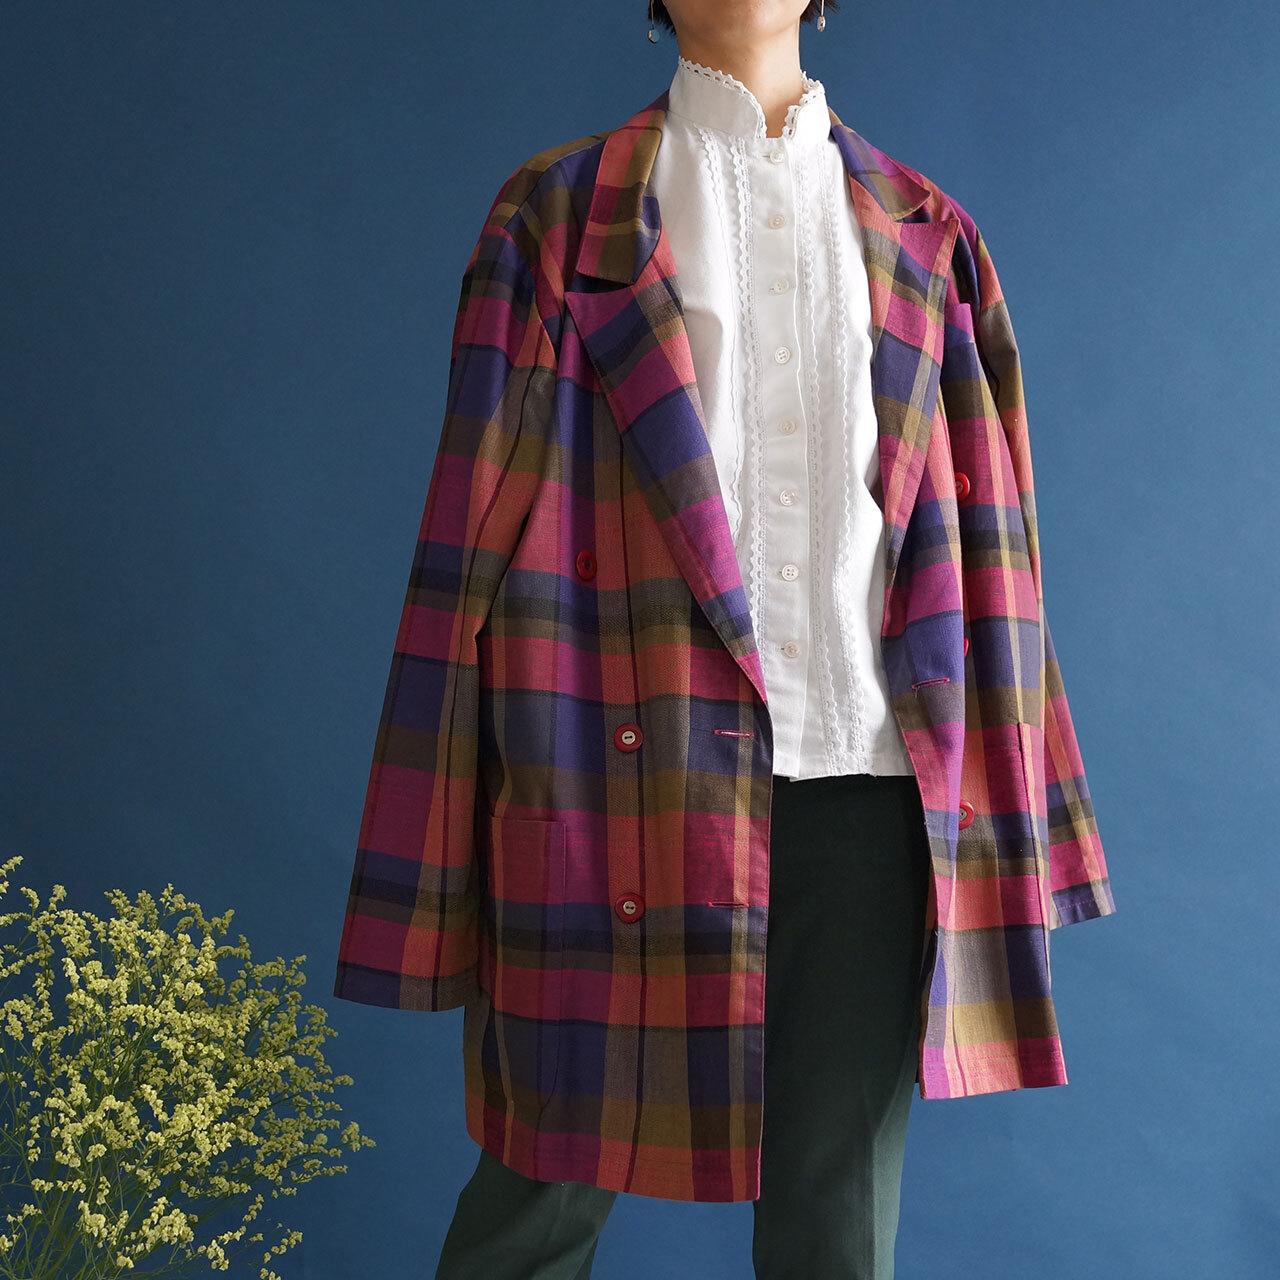 【送料無料】80's vintage colorful plaid double jacket with pockets